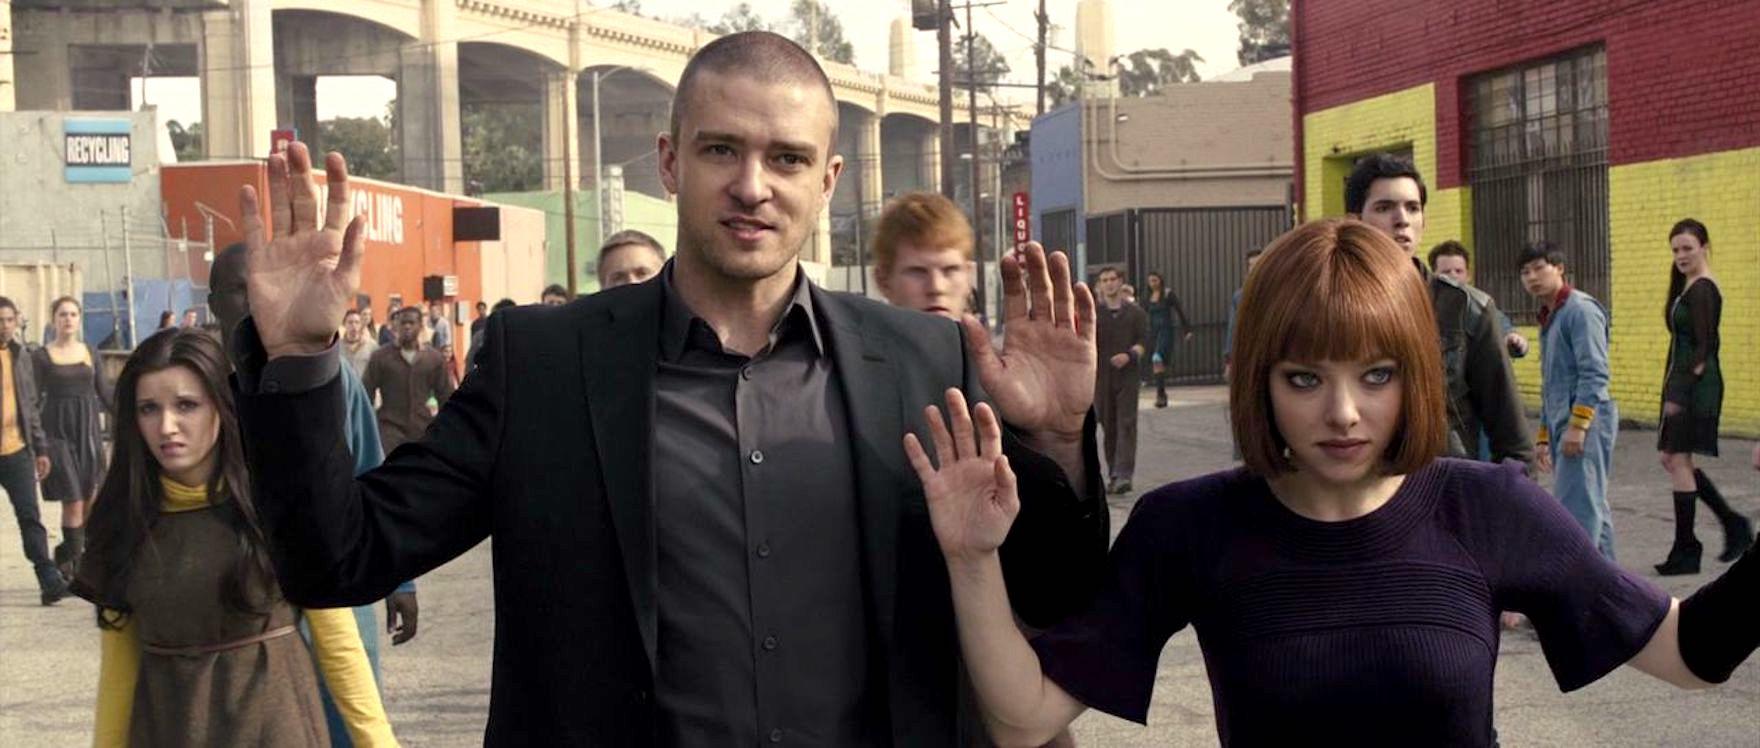 Justin Timberlake dan Amanda Seyfried dalam In Time (2011)